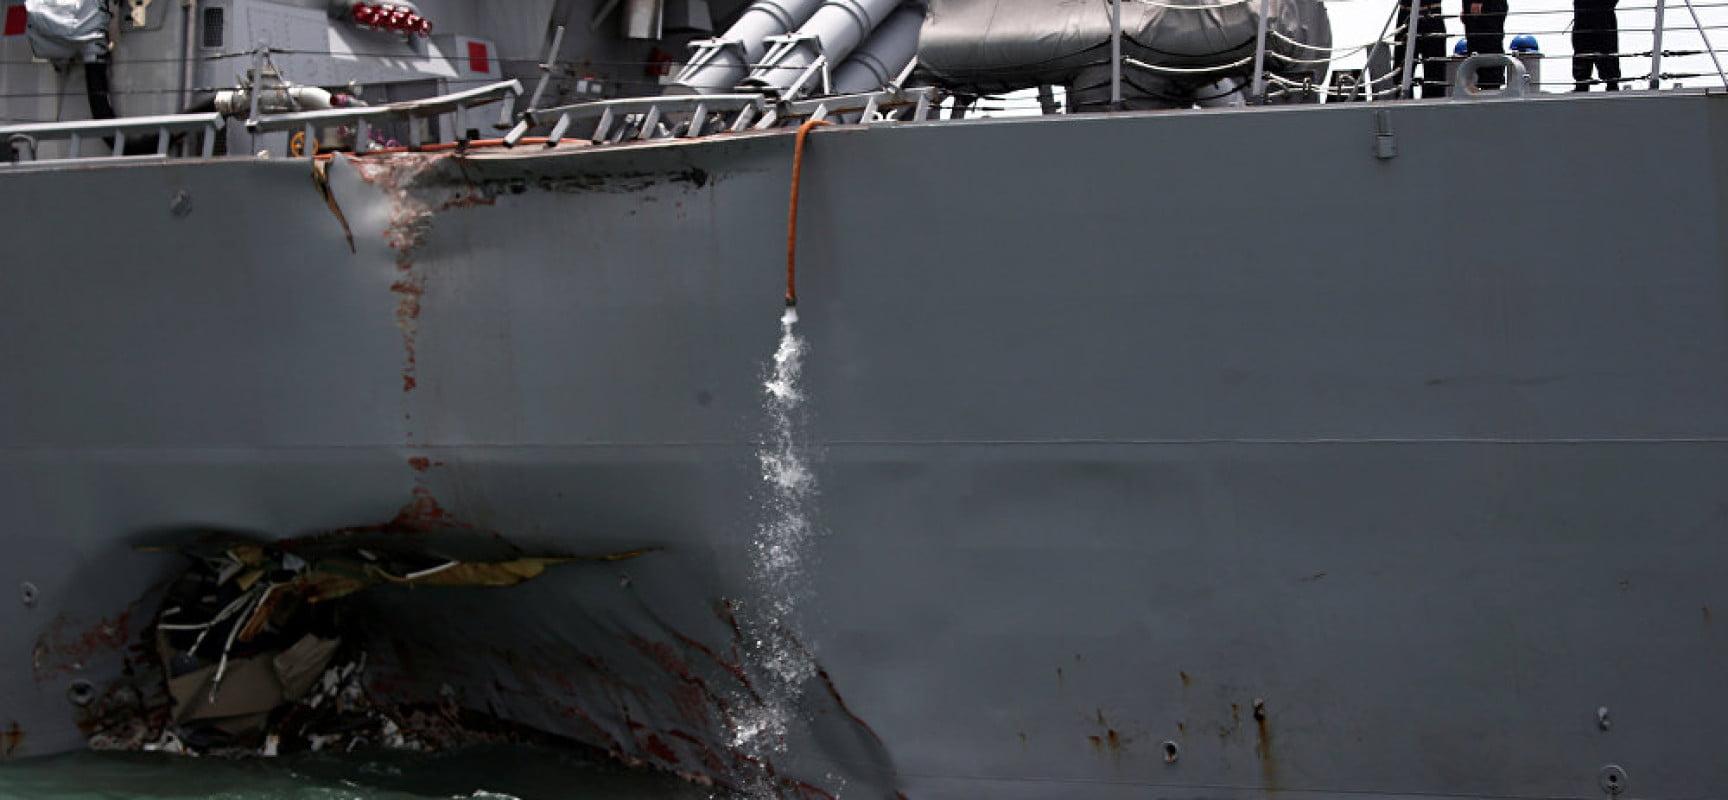 Βαρύς ο πέλεκυς στη διοίκηση του Στόλου Ειρηνικού του US Navy